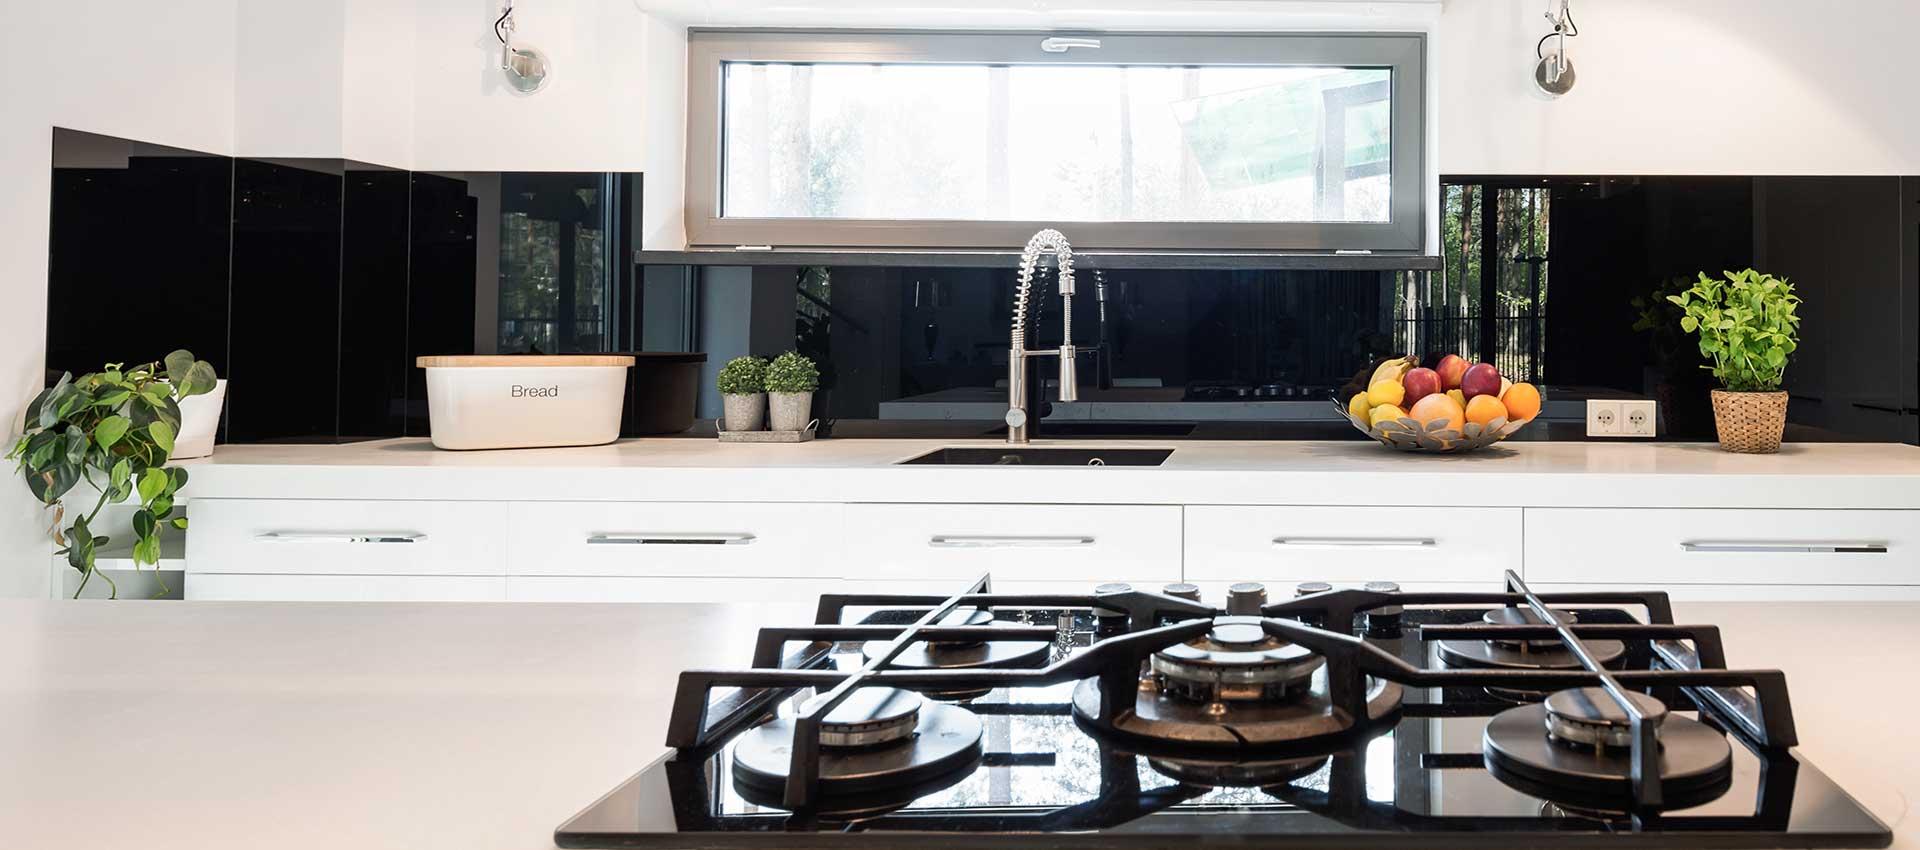 Stove Cooktop Oven REPAIR